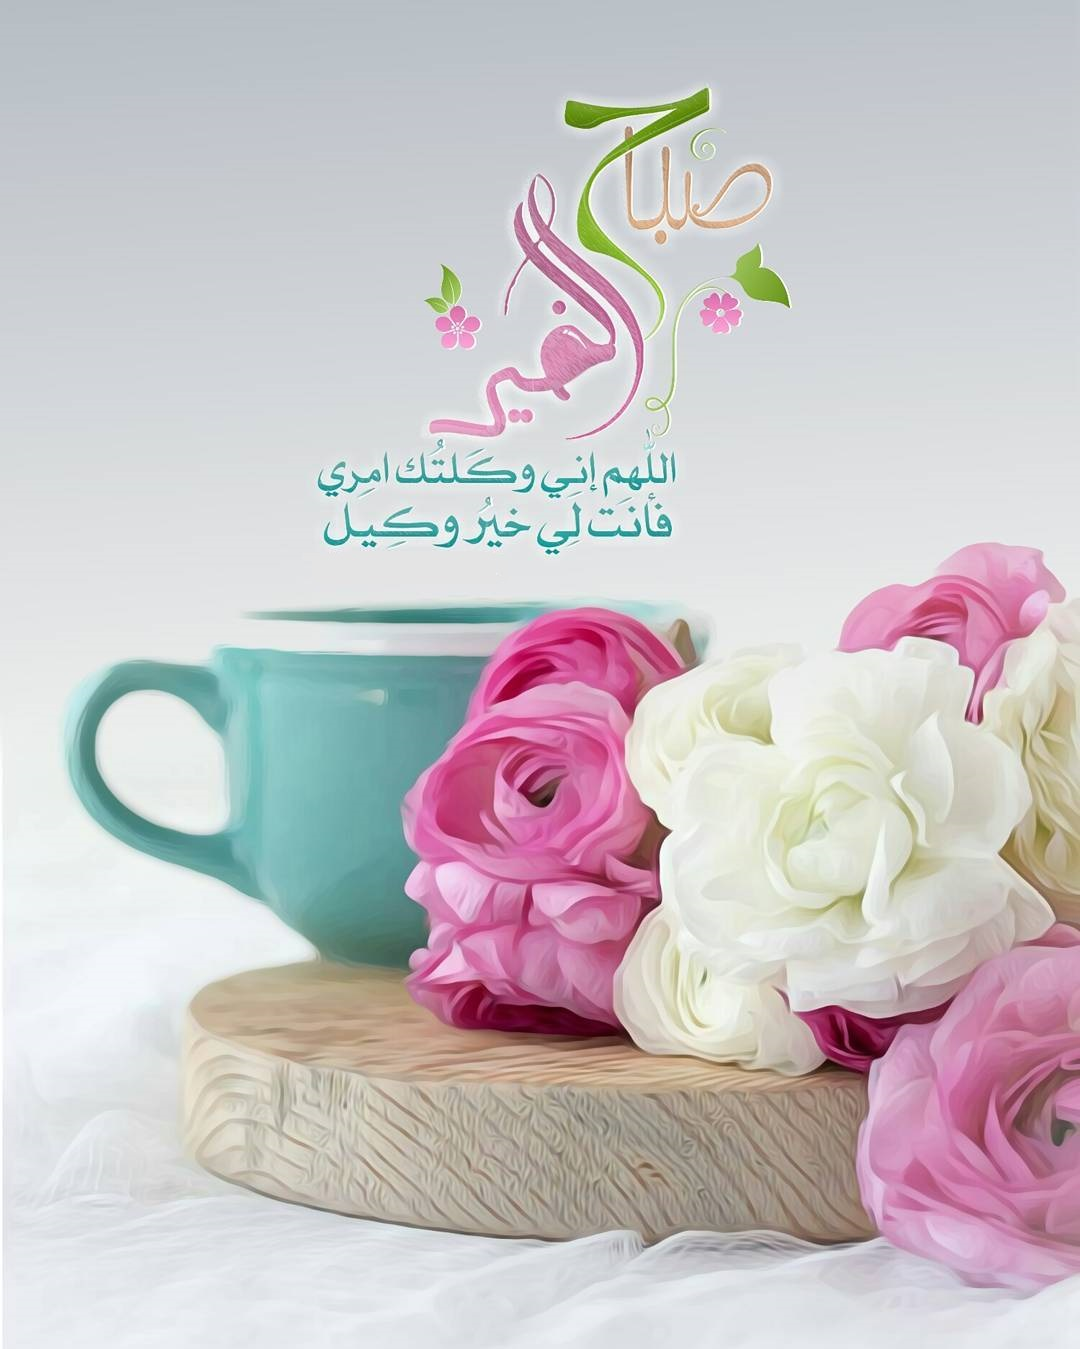 صور ادعية الصباح بالصور , صور بوستات عليها دعاء فكل صباح